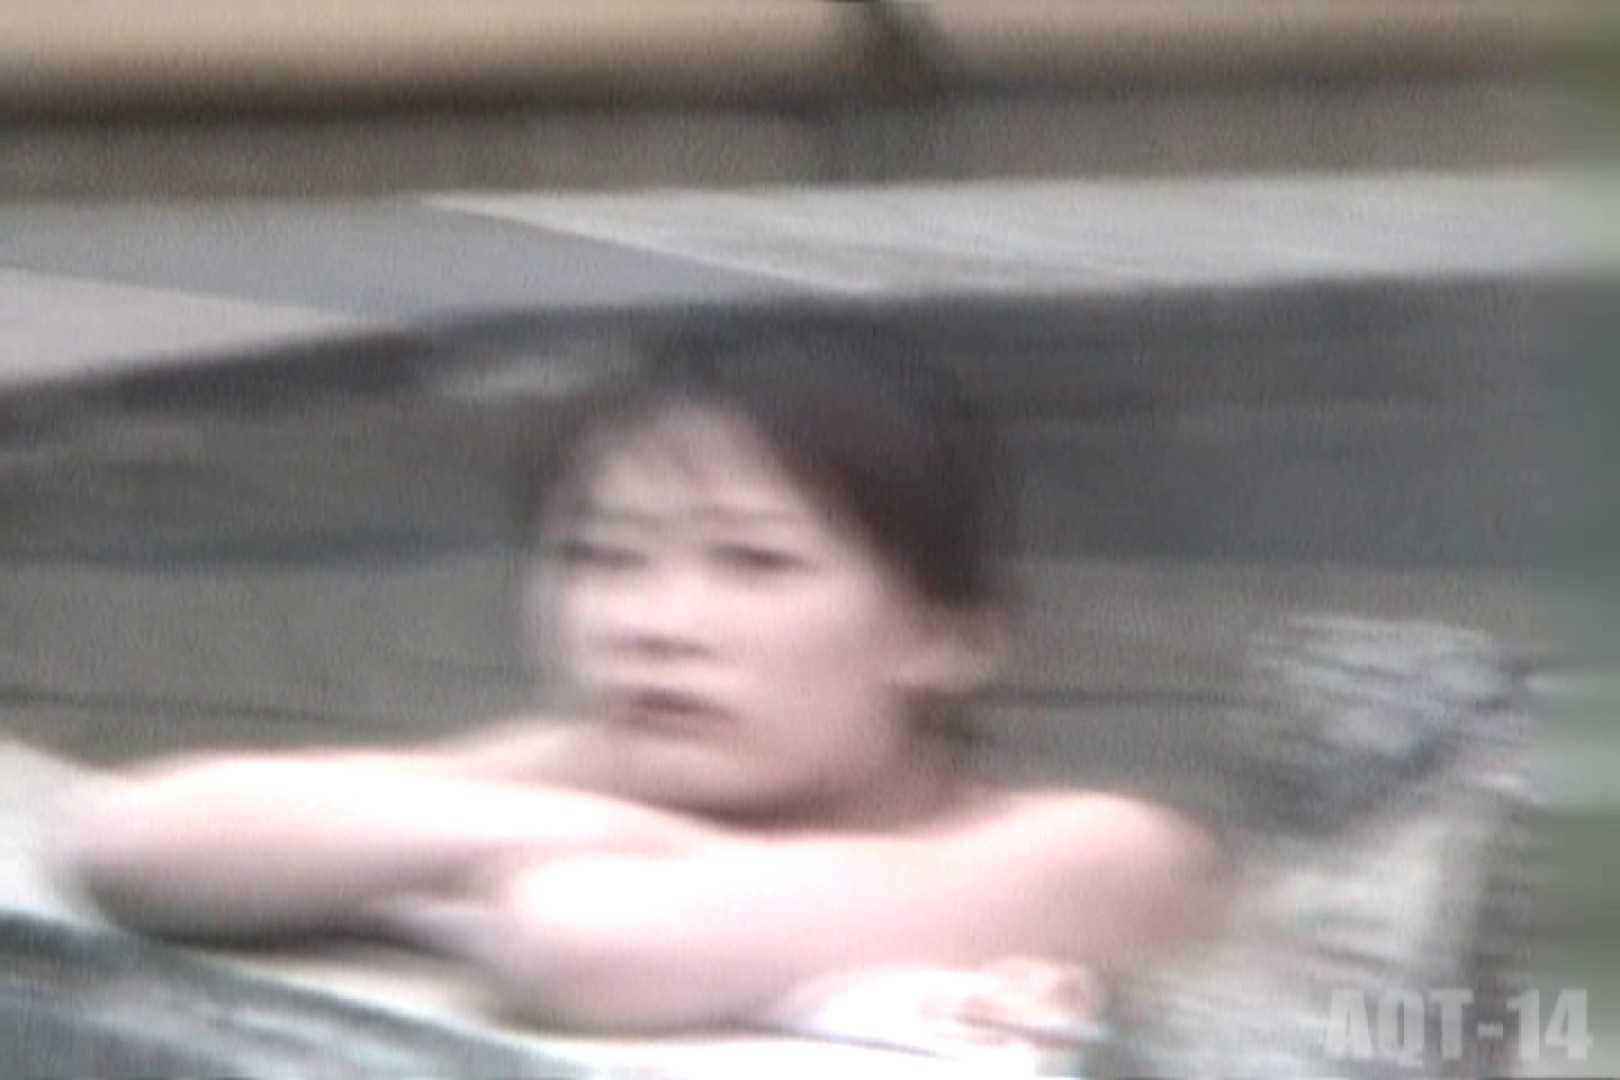 Aquaな露天風呂Vol.822 盗撮シリーズ  78PIX 14